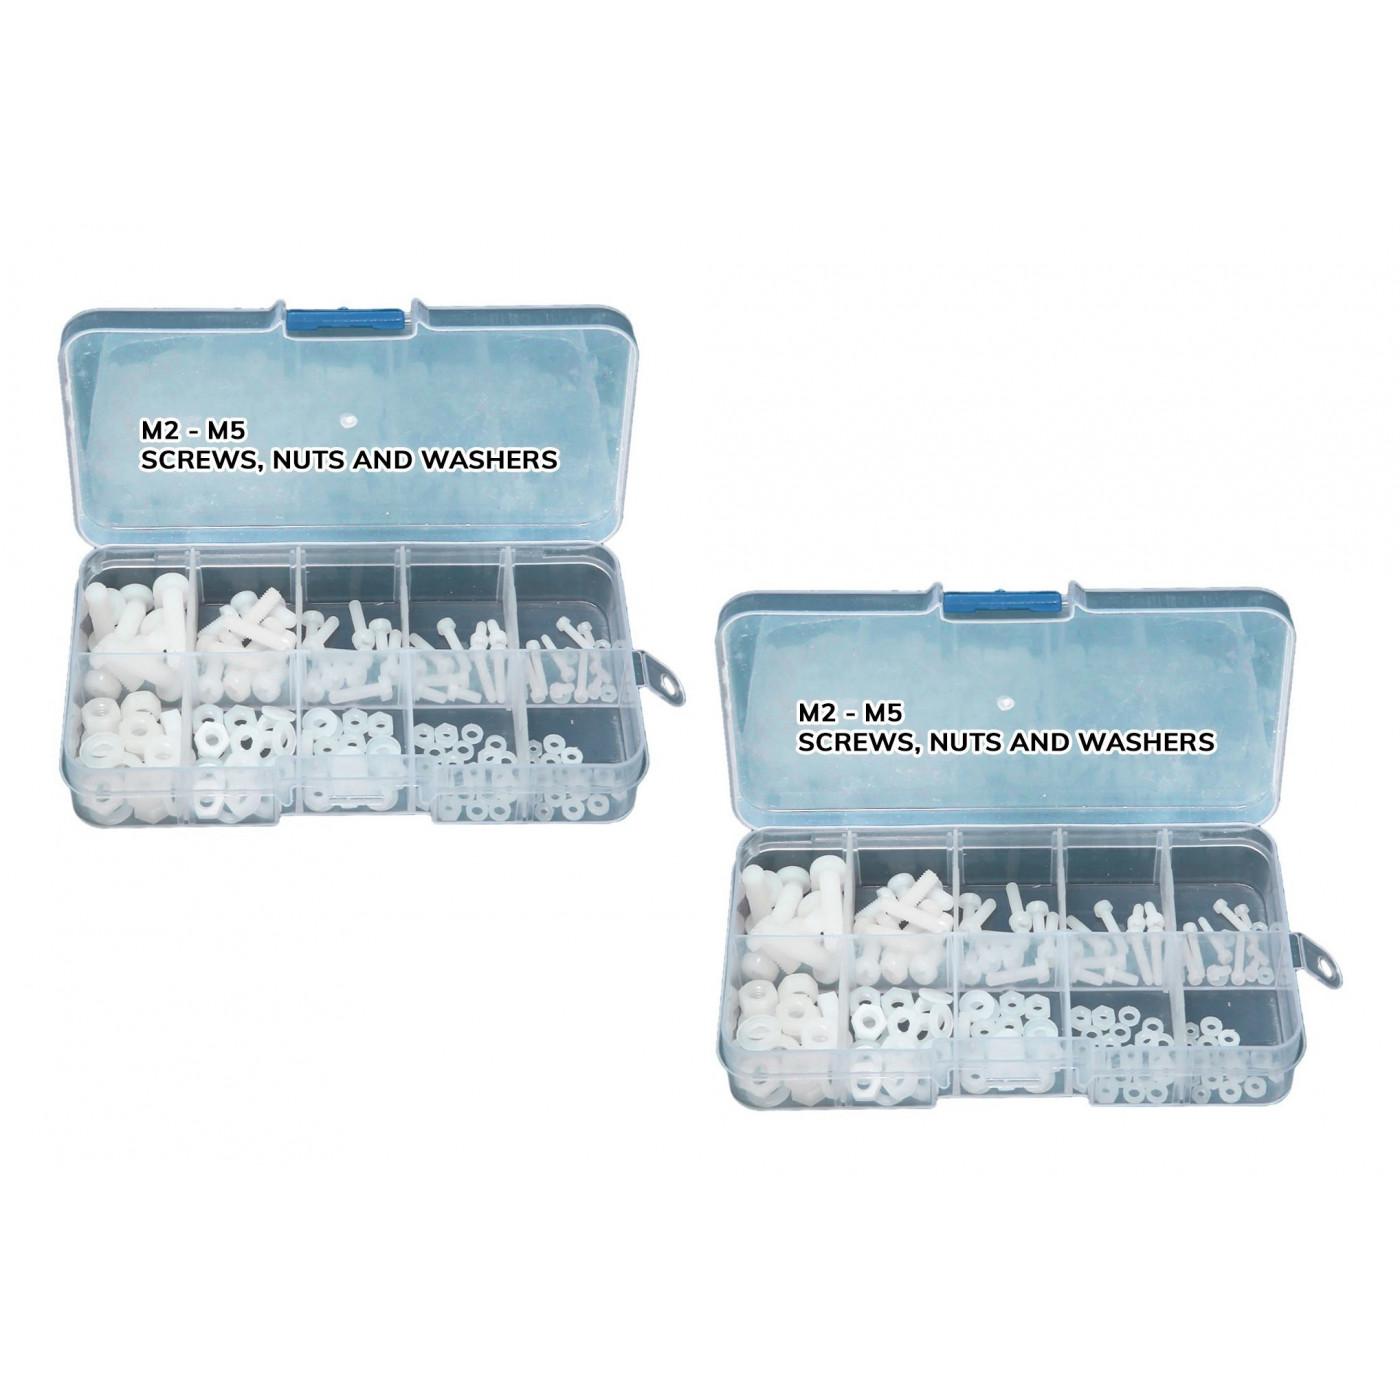 Set 300 Kunststoffschrauben, Muttern und scheiben (weiss)  - 1